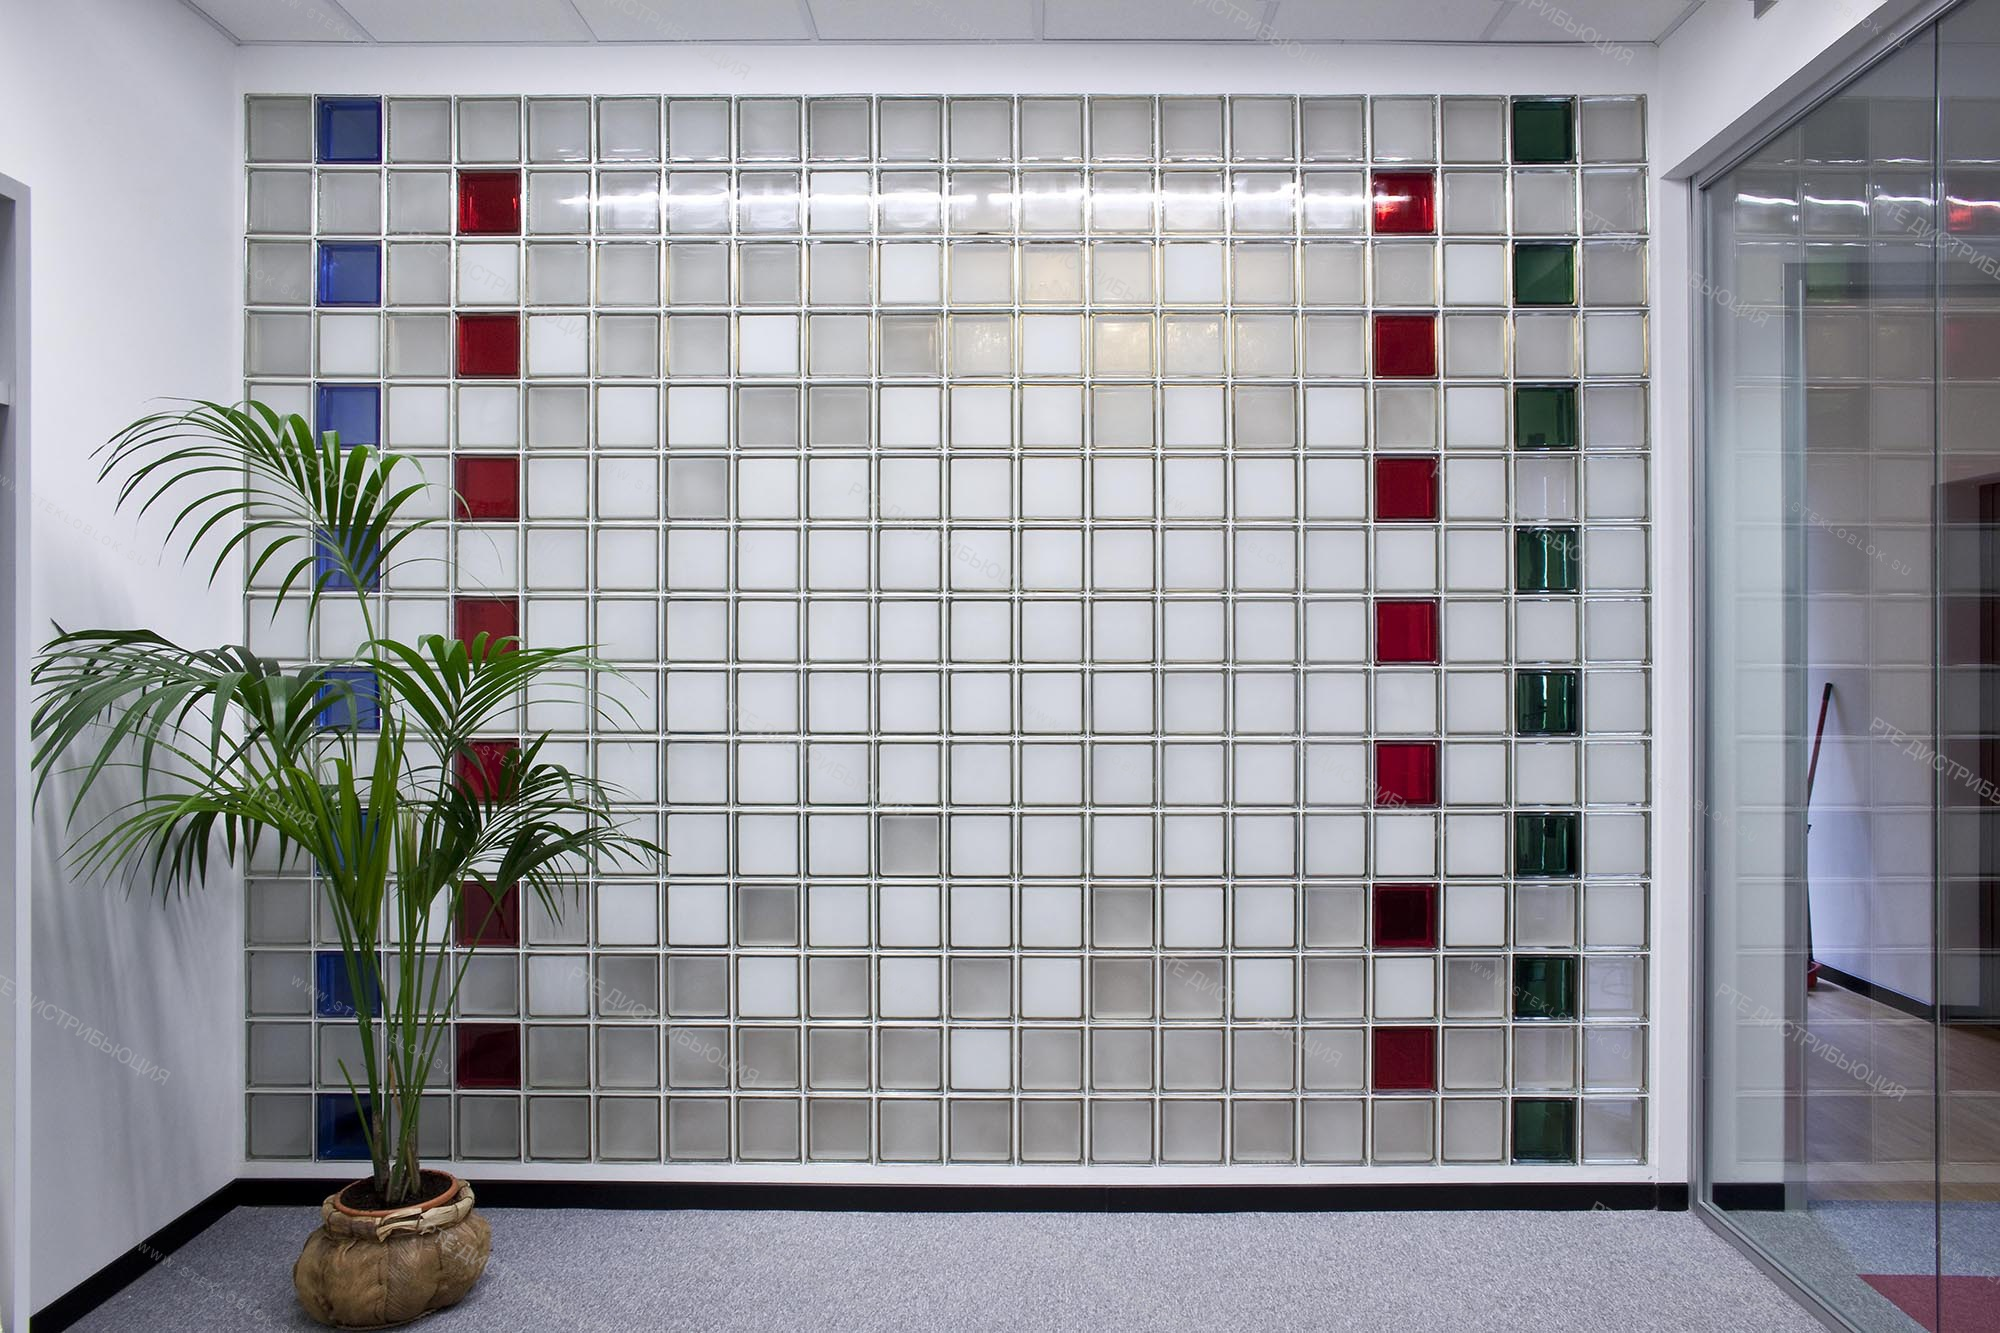 Стеклоблоки – идеи использования в дизайне интерьера современной квартиры (110 фото)